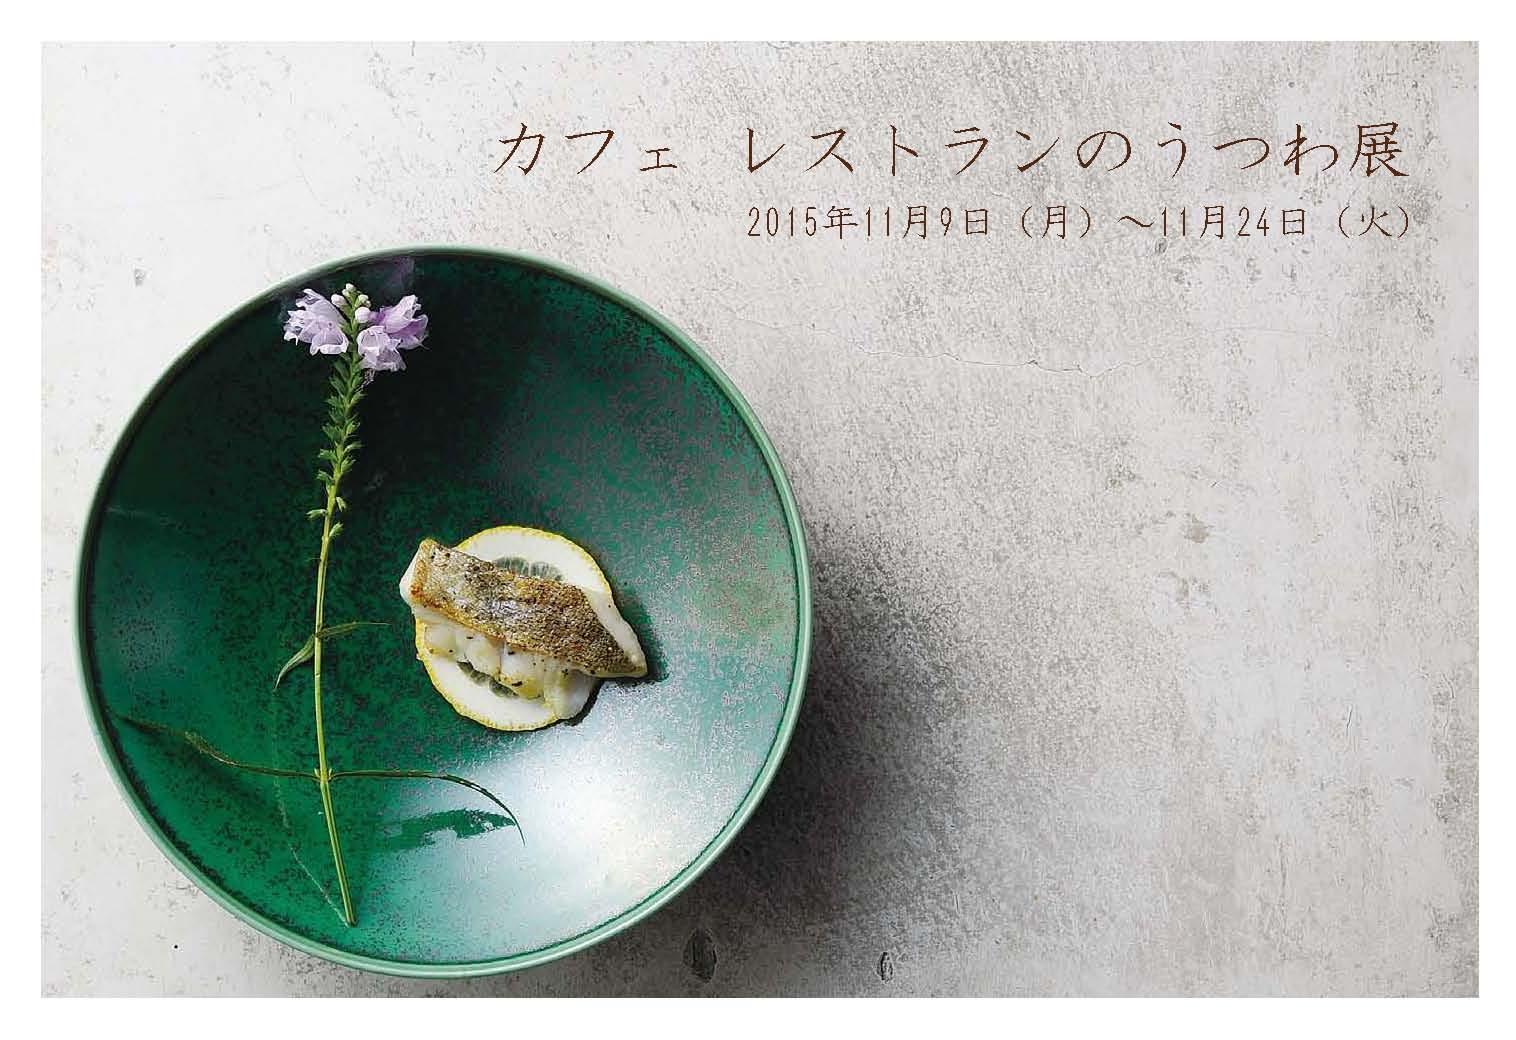 「カフェ レストランのうつわ展」開催のお知らせ